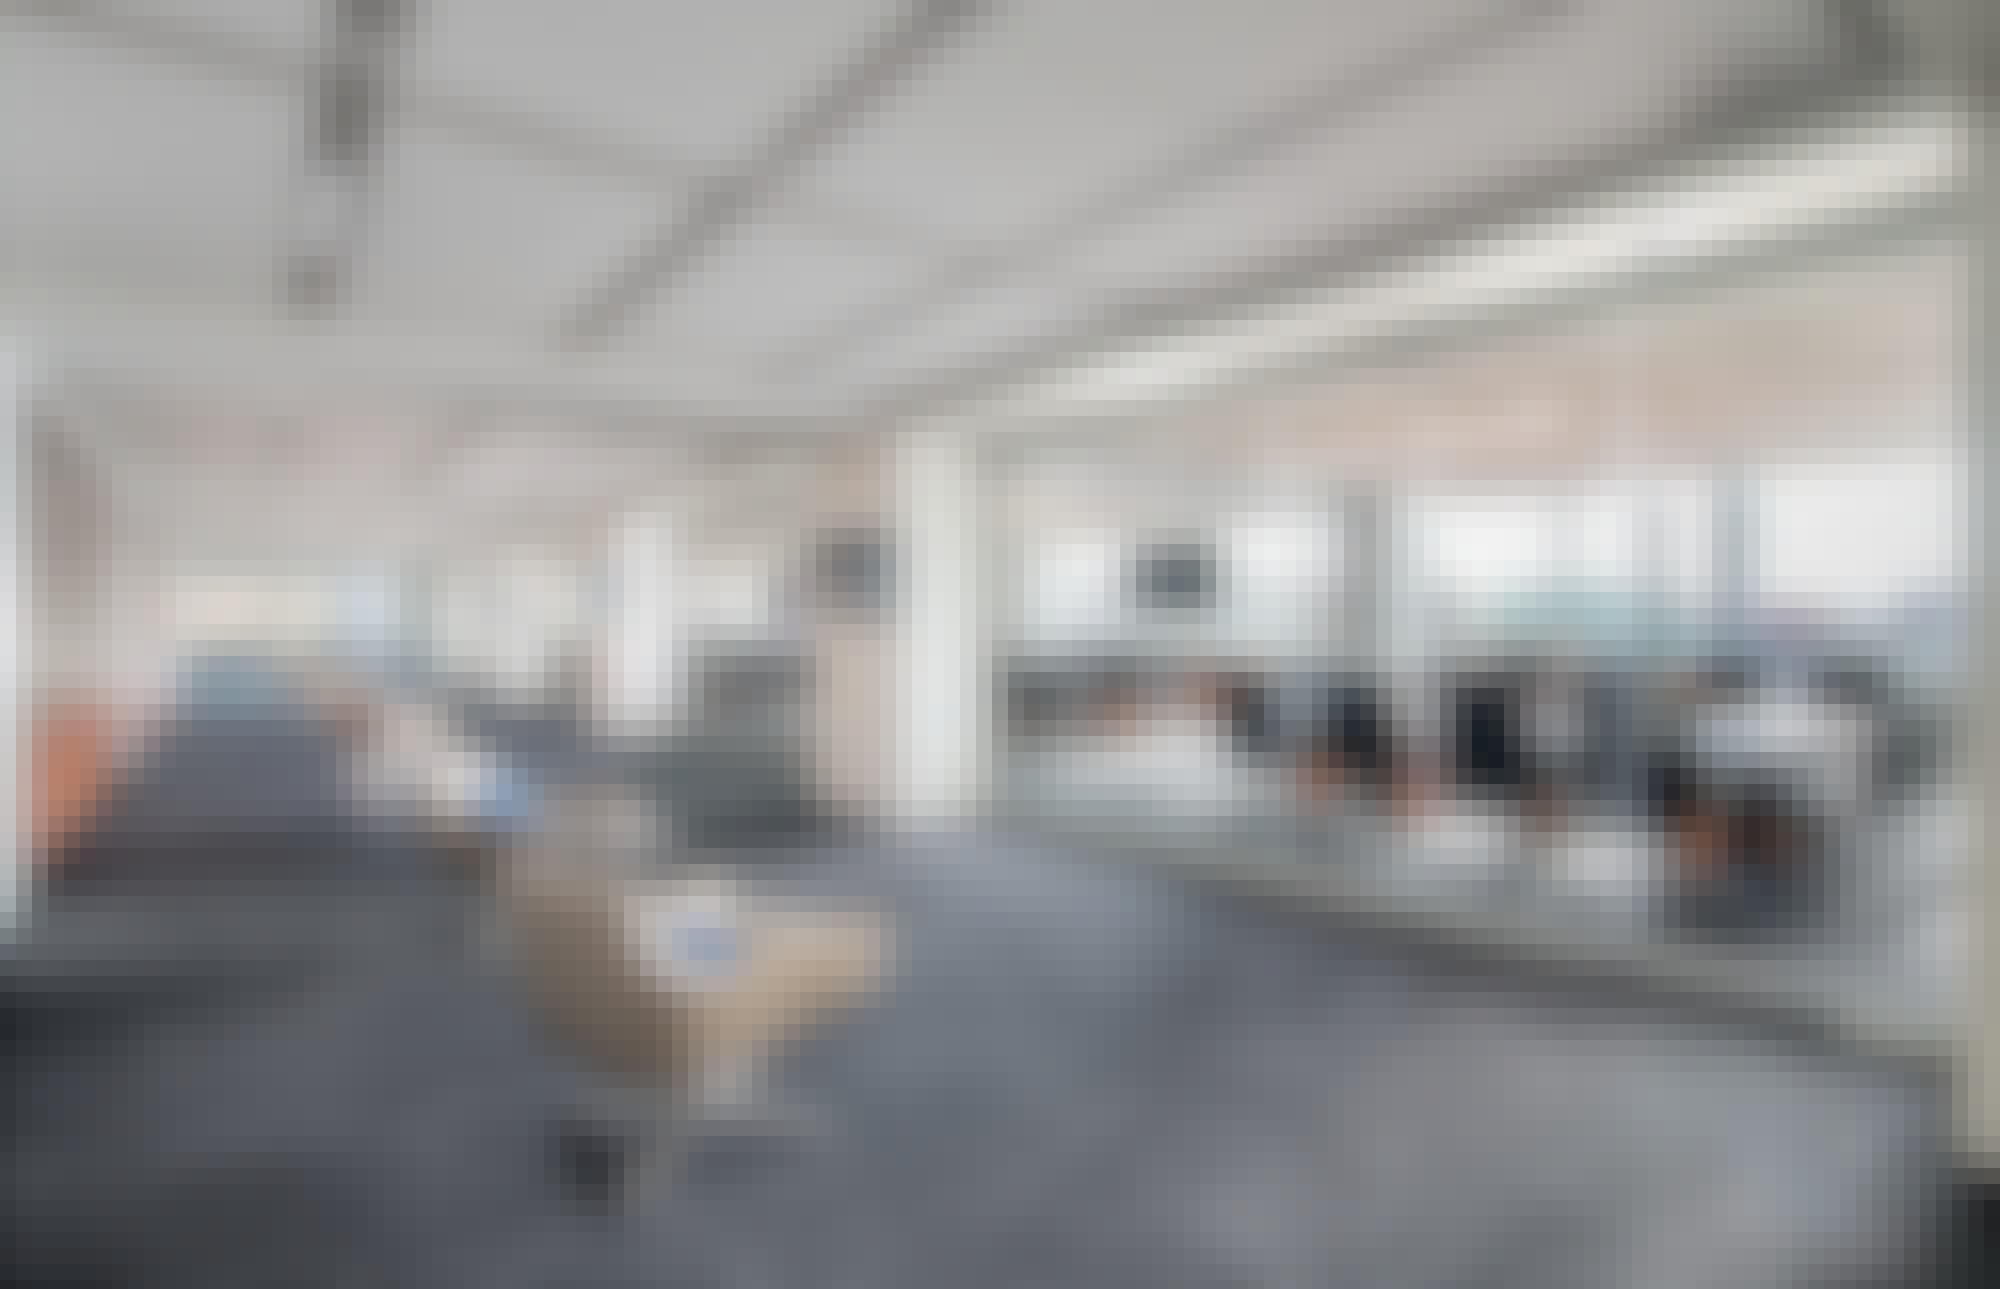 closed-frameless-sliding-glass-walls-in-office-design